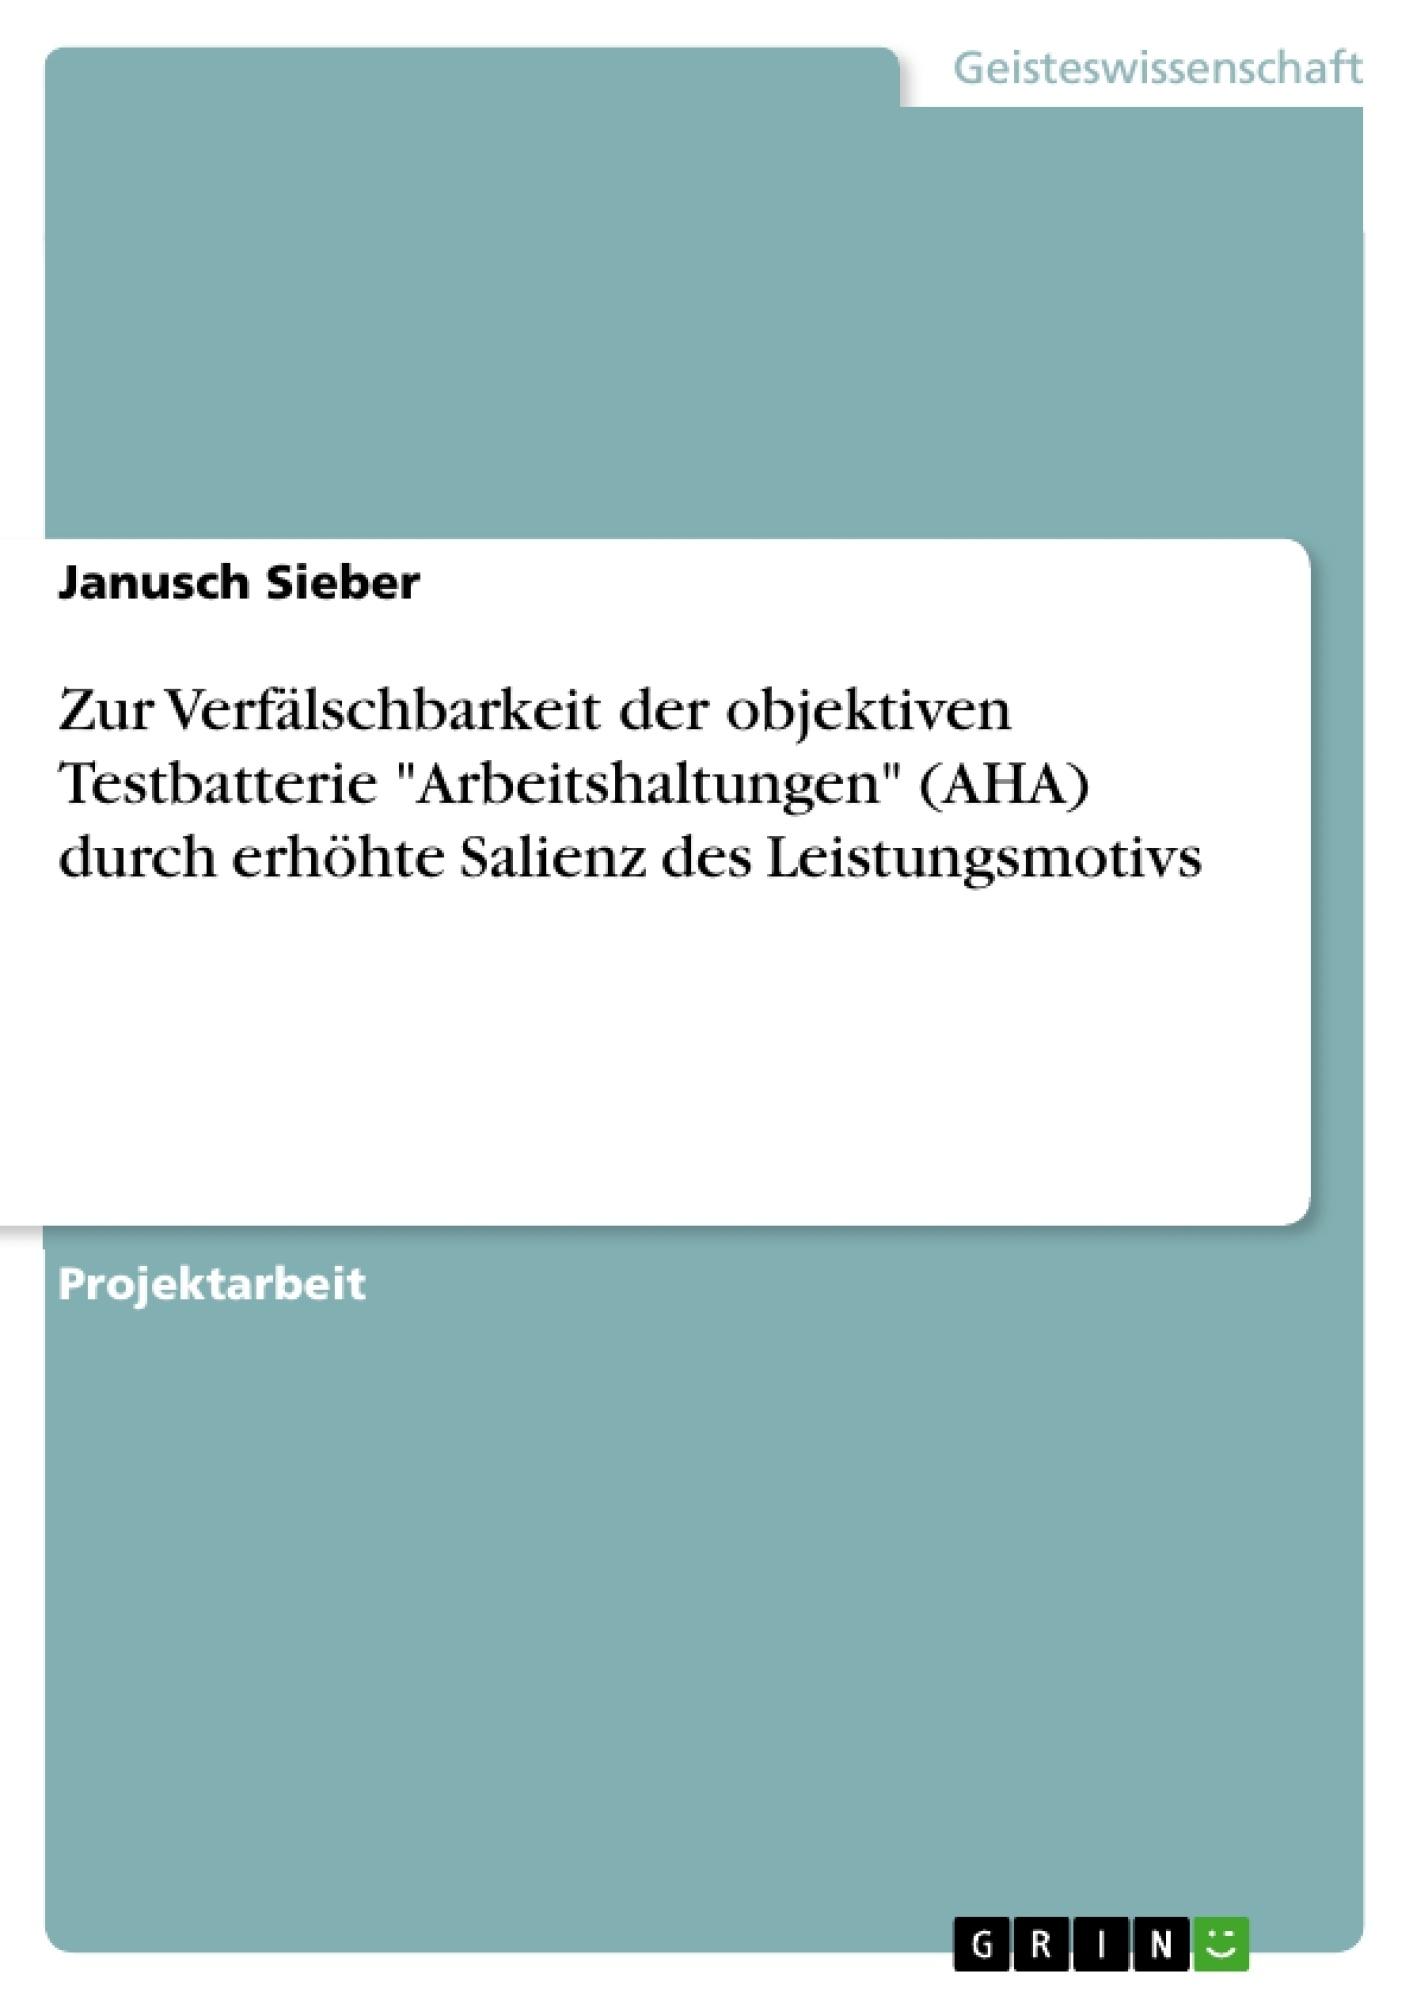 """Titel: Zur Verfälschbarkeit der objektiven Testbatterie """"Arbeitshaltungen"""" (AHA) durch erhöhte Salienz des Leistungsmotivs"""